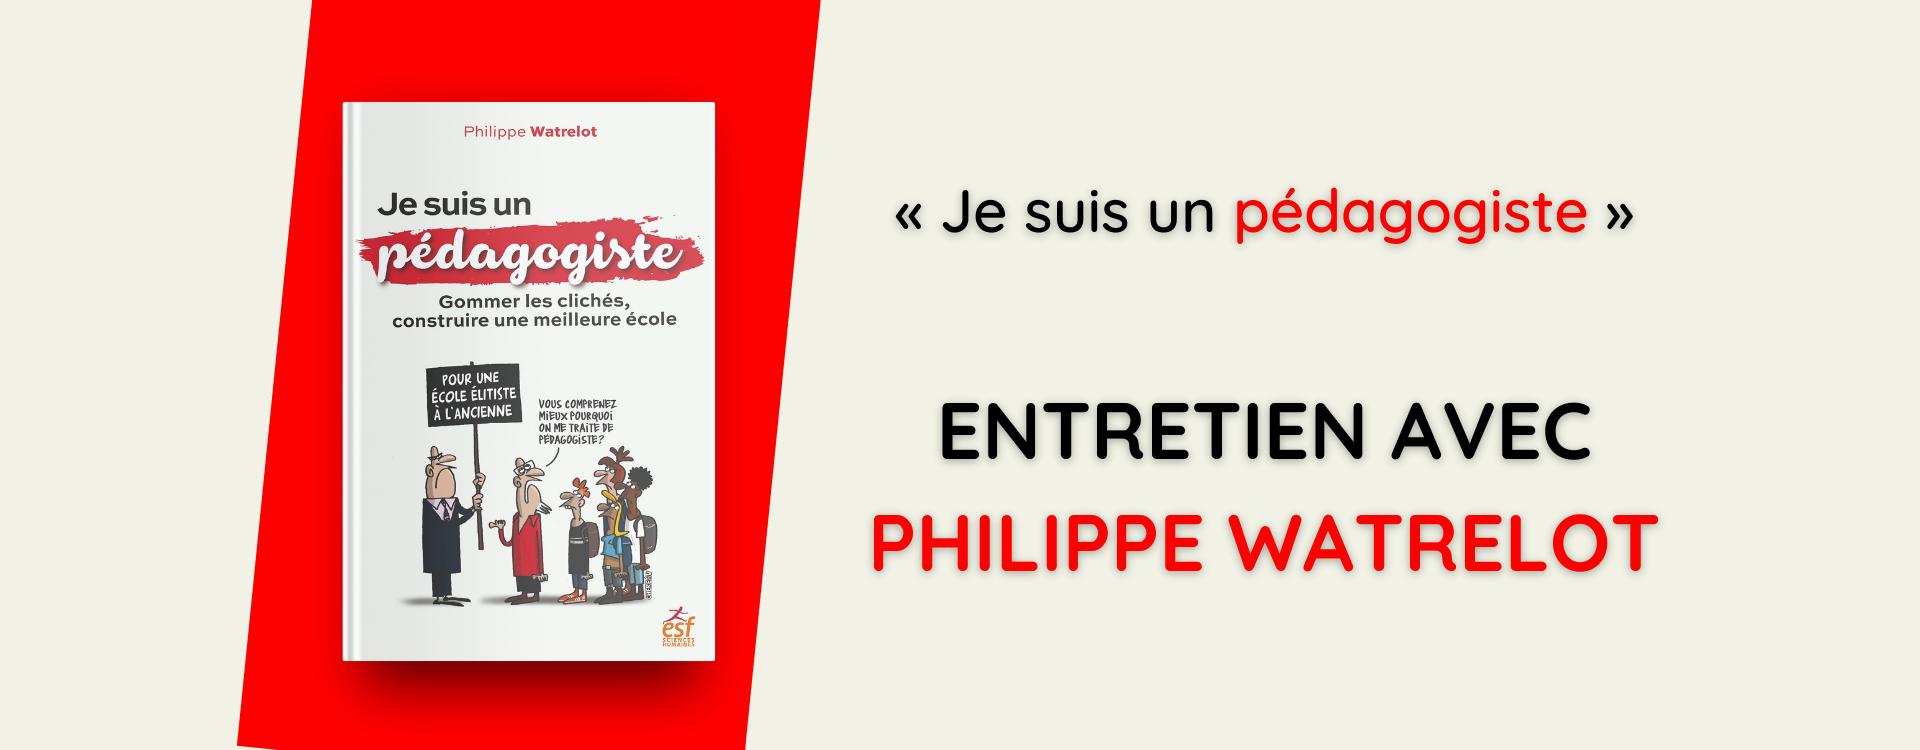 Je suis un pédagogiste : entretien avec Philippe Watrelot